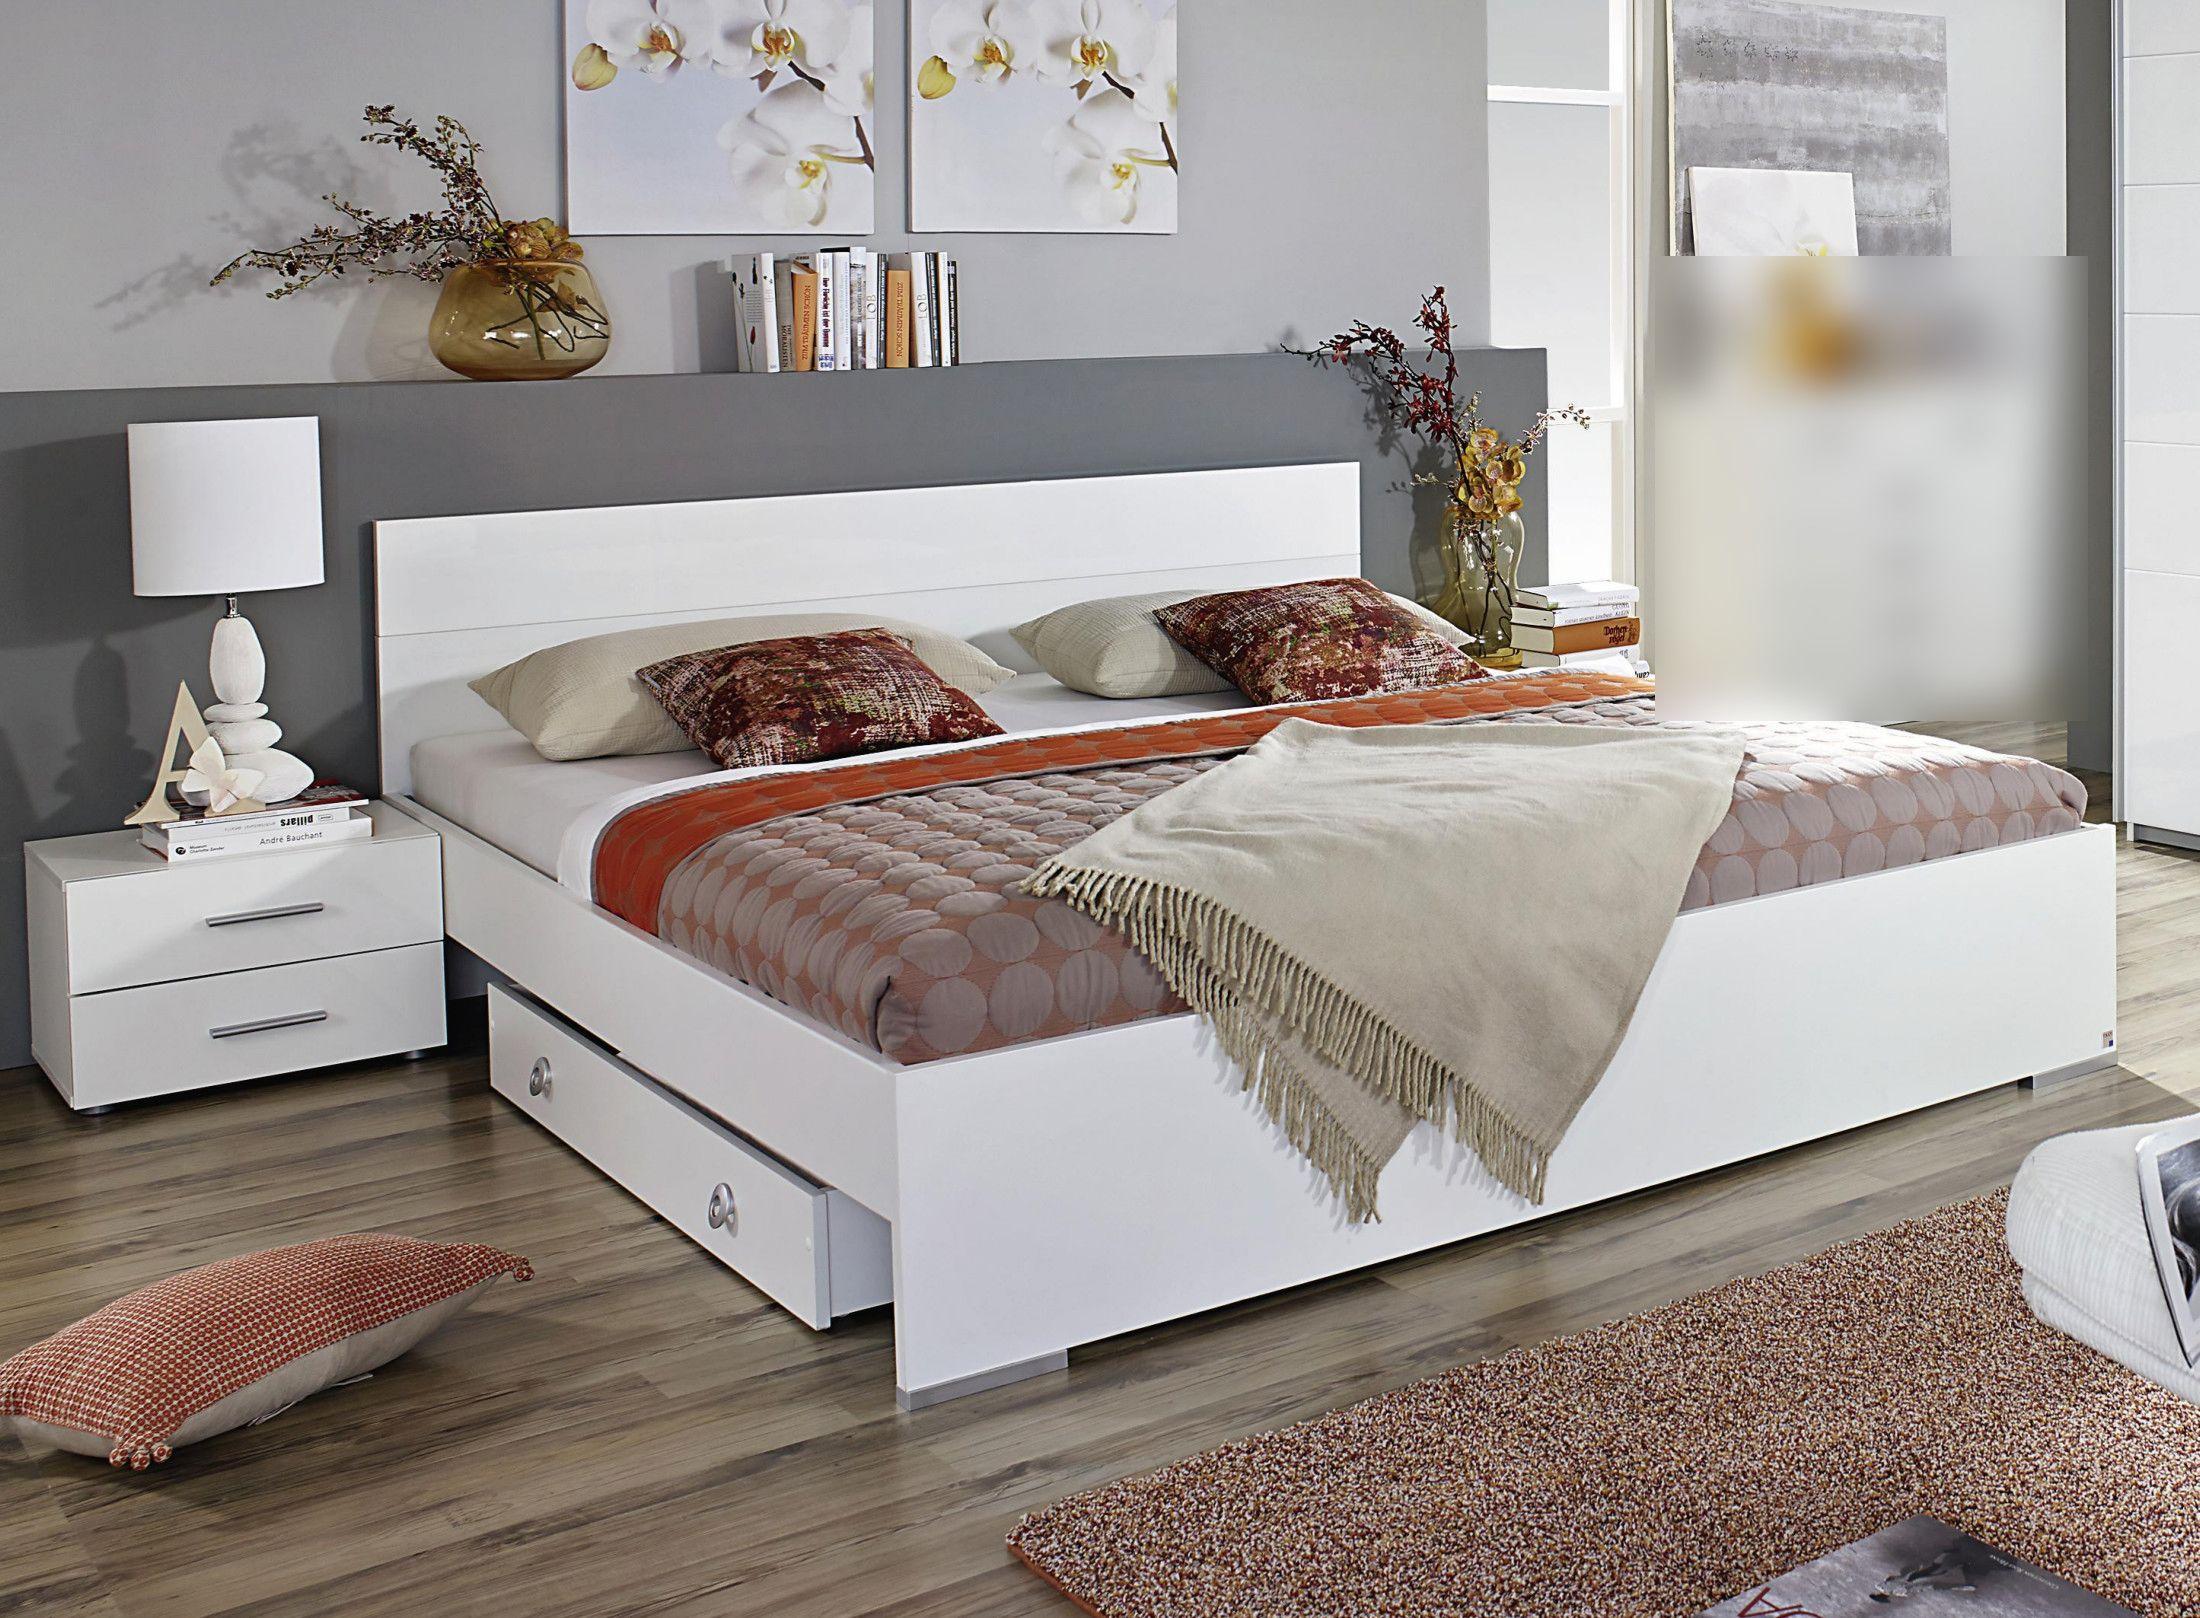 Voglauer Schlafzimmer ~ Best schlafzimmer images